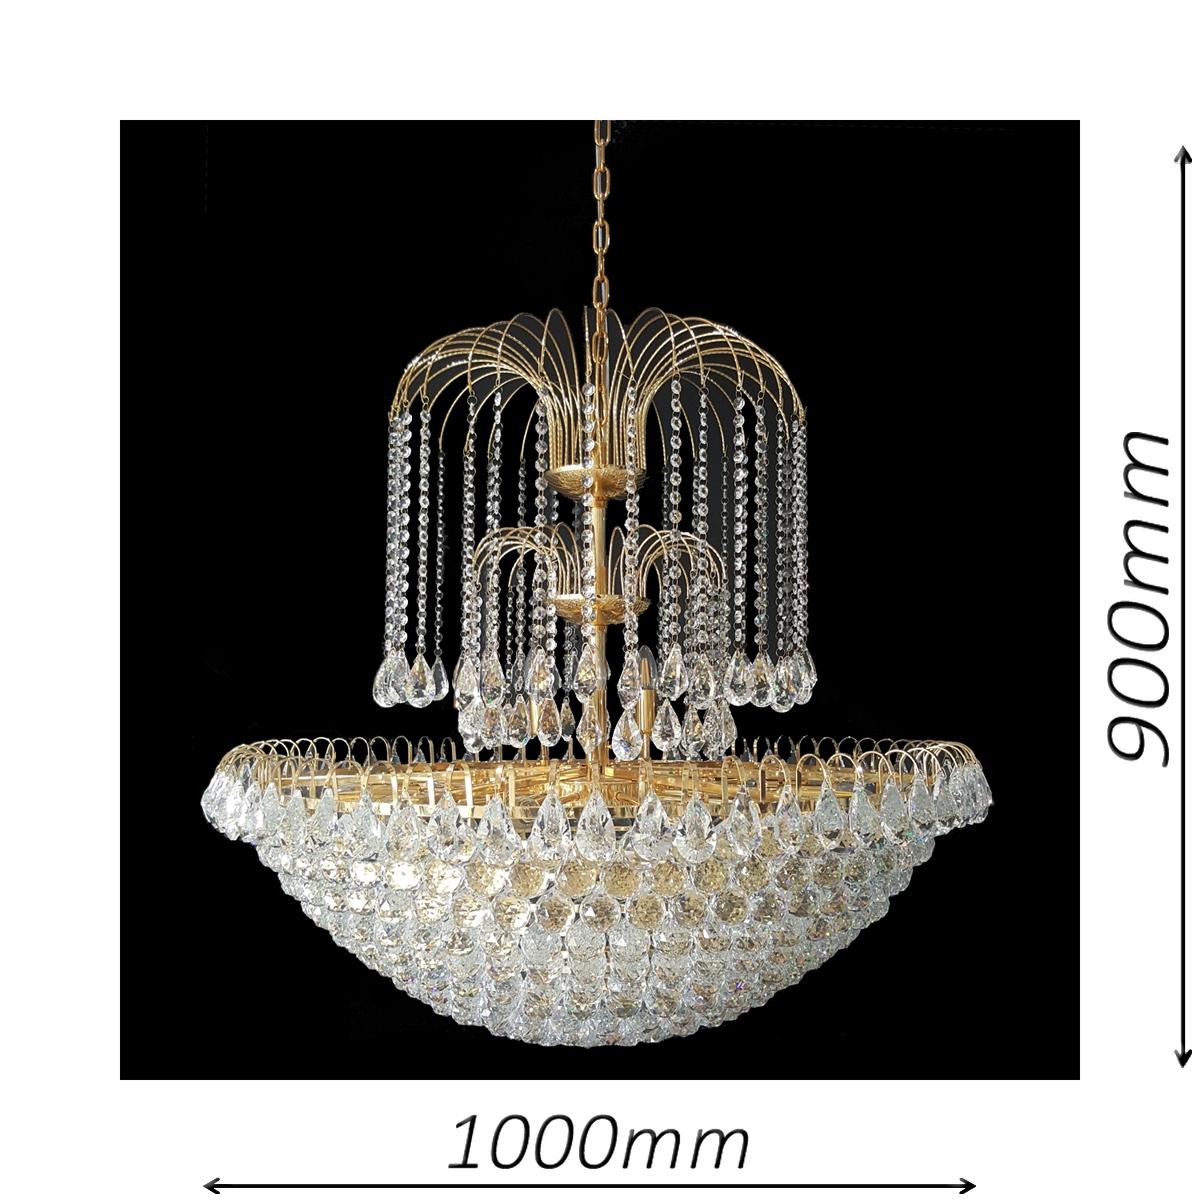 Surrey 1000 Gold Chandelier - CRPSUR211000GD